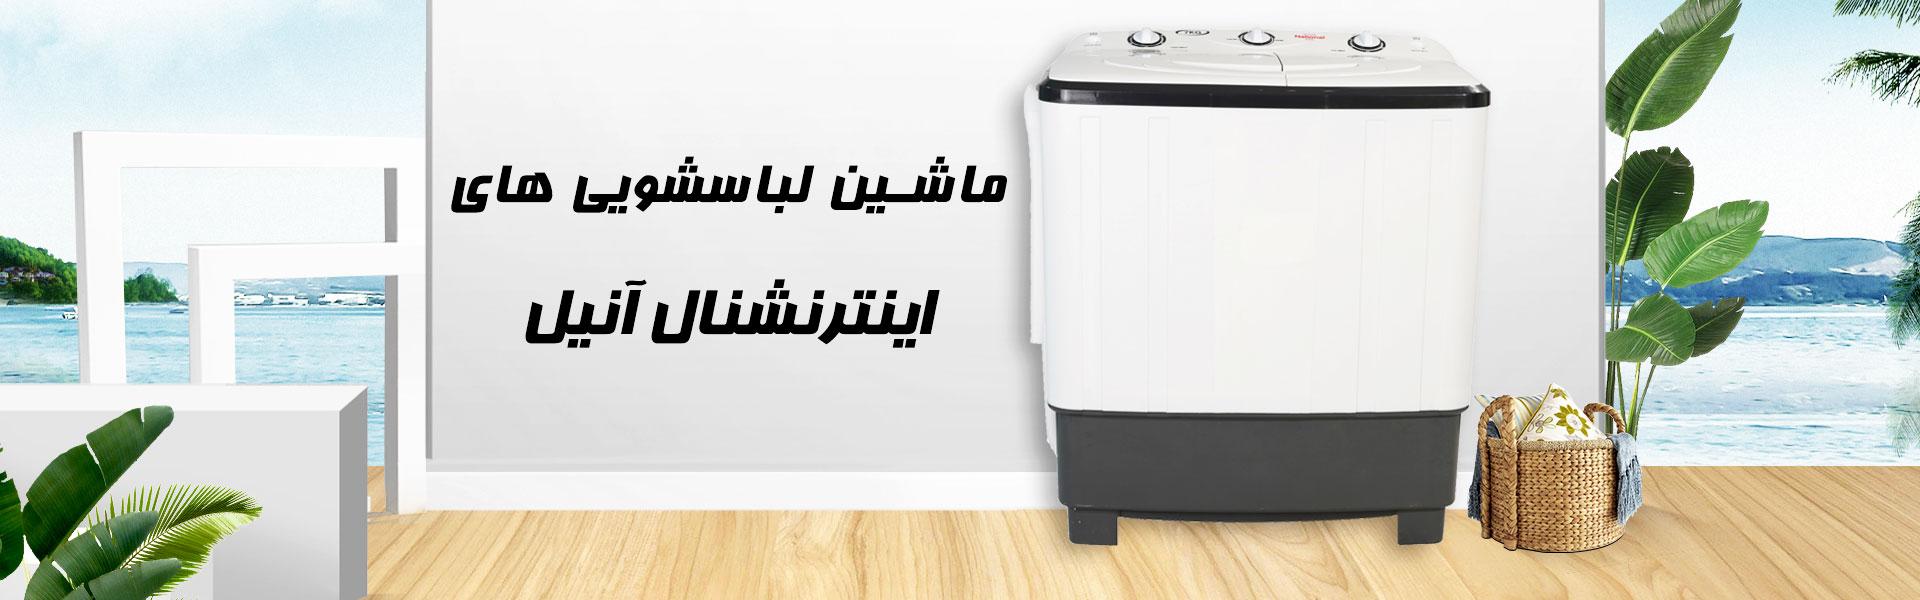 ماشین لباسشویی اینترنشنال آنیل